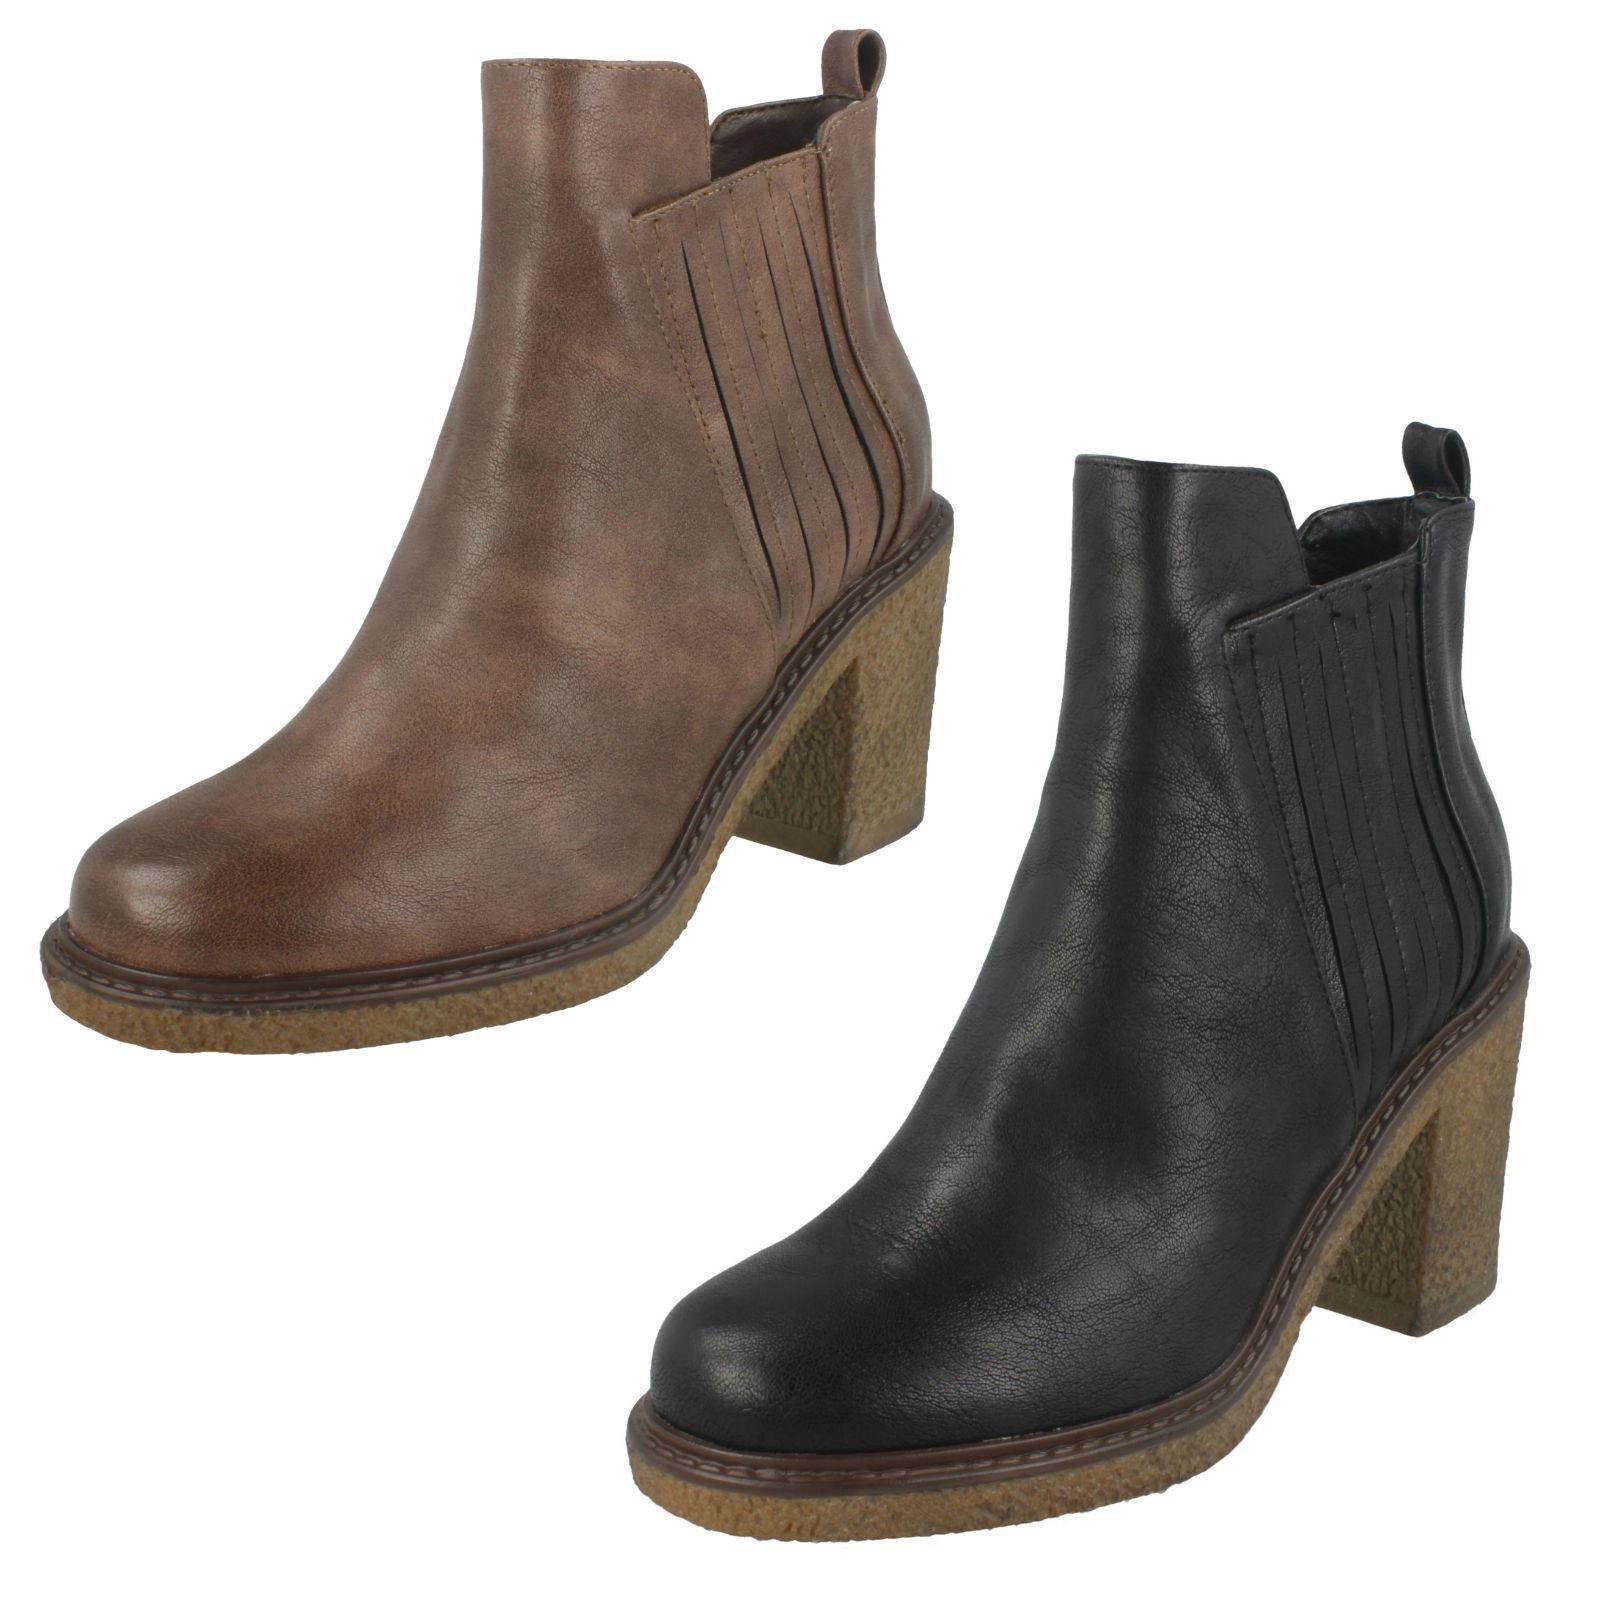 Damen Schwarz Braun Down To Erdung Reißverschluss Blockabsatz Modische Stiefel  | Grüne, neue Technologie